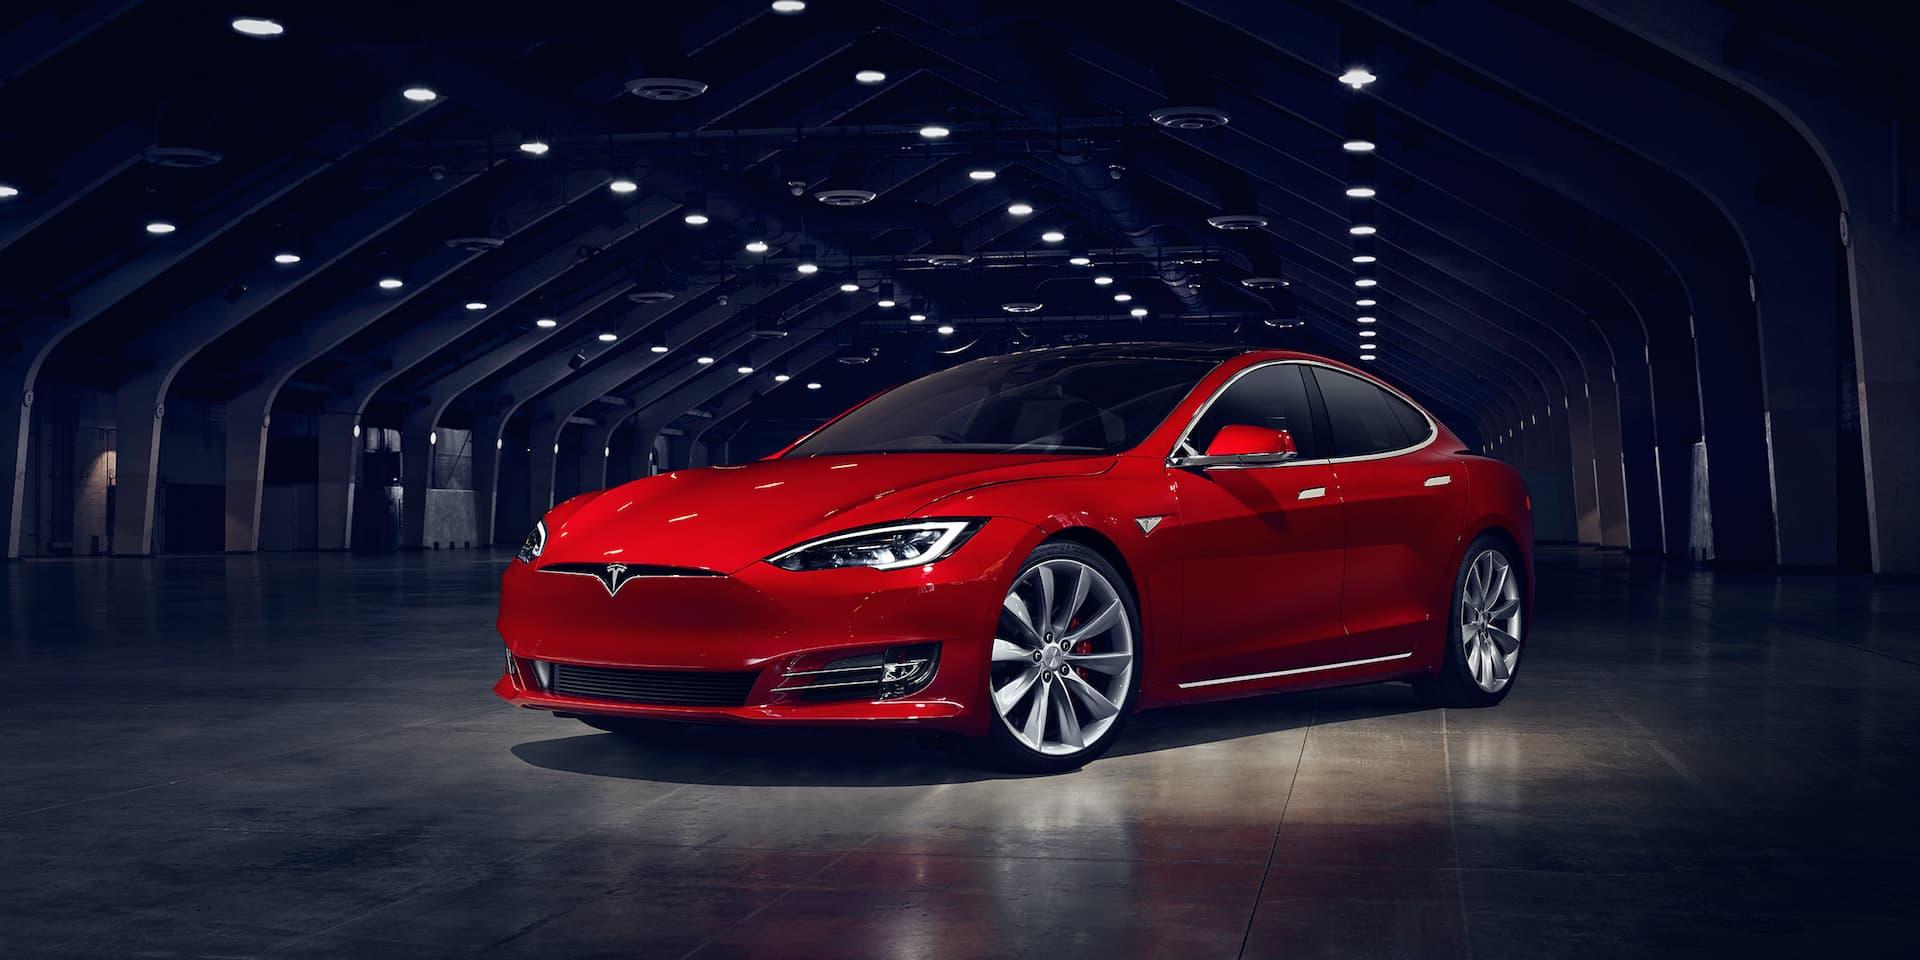 Tesla Model S (2014 onwards) - Expert Rating